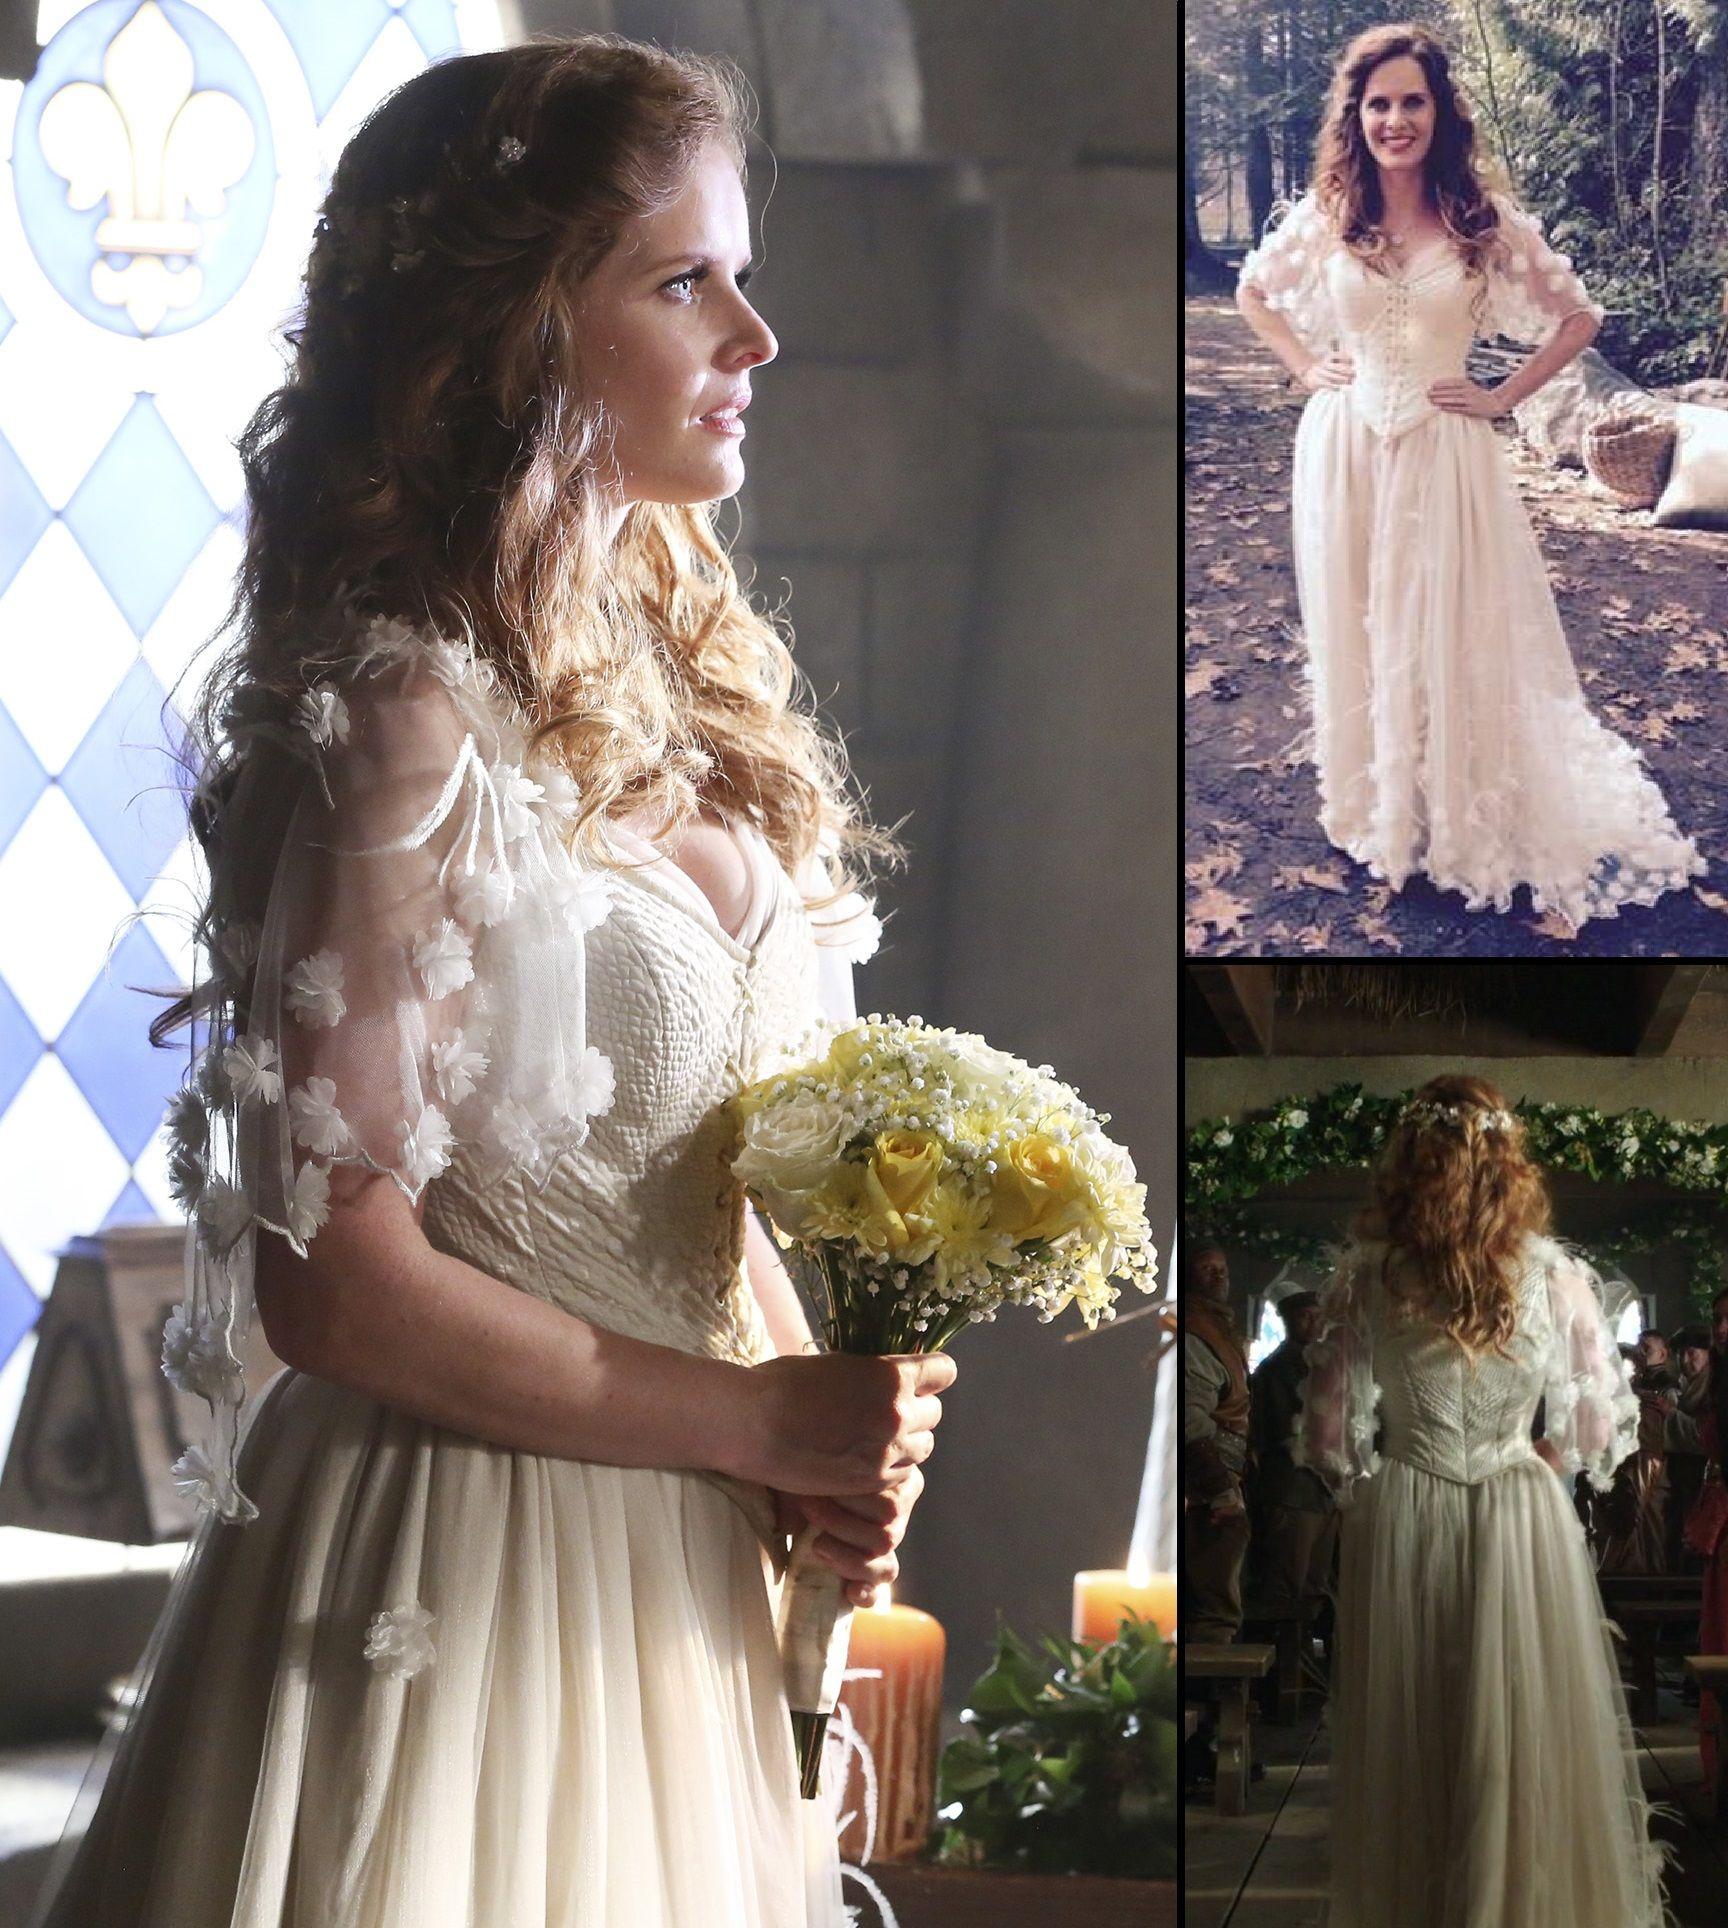 Zelena (wedding dress) | Once upon a time, Madere, Thérèse